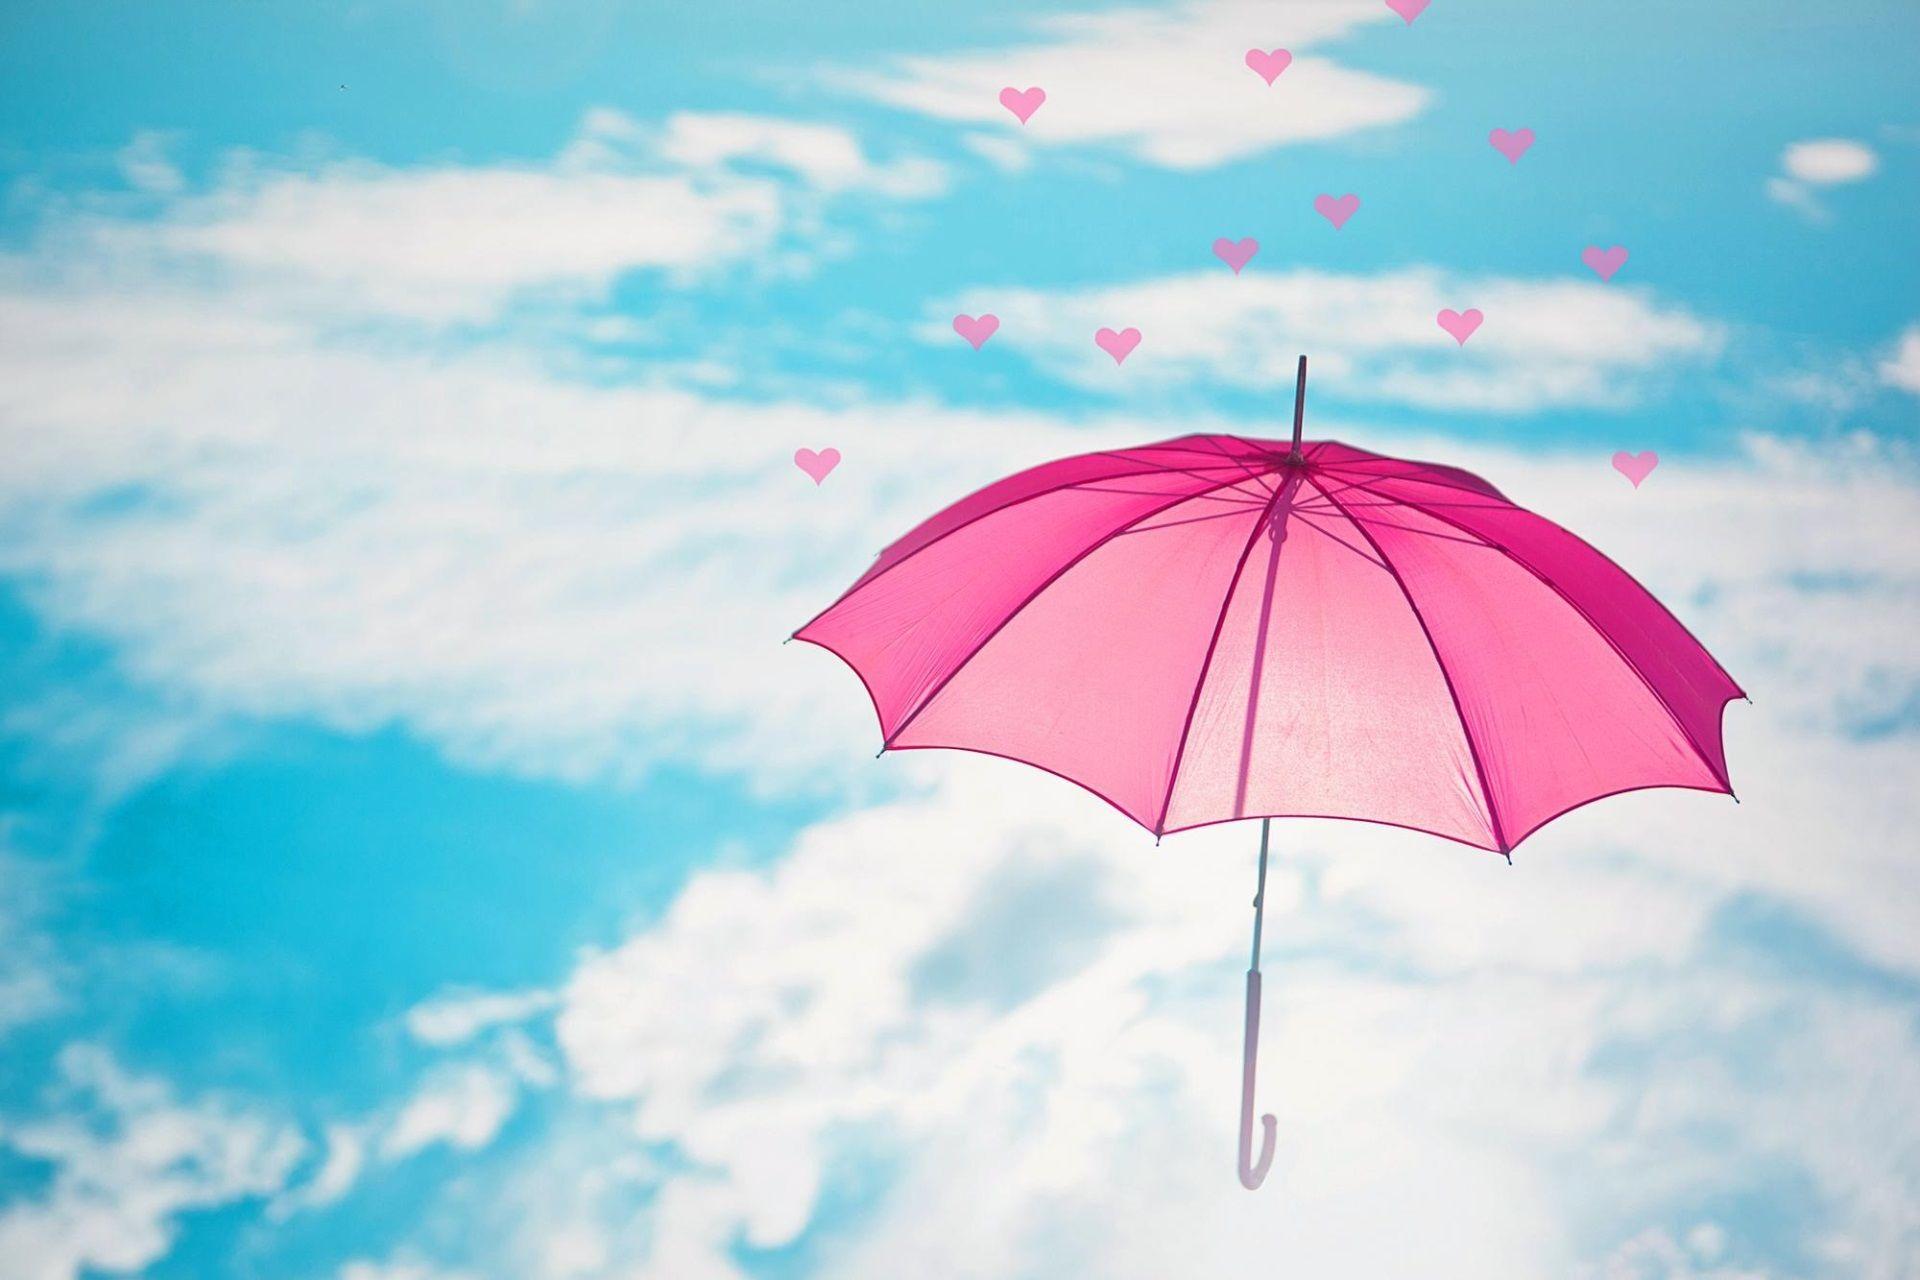 Обои картинки на рабочий стол с зонтиком